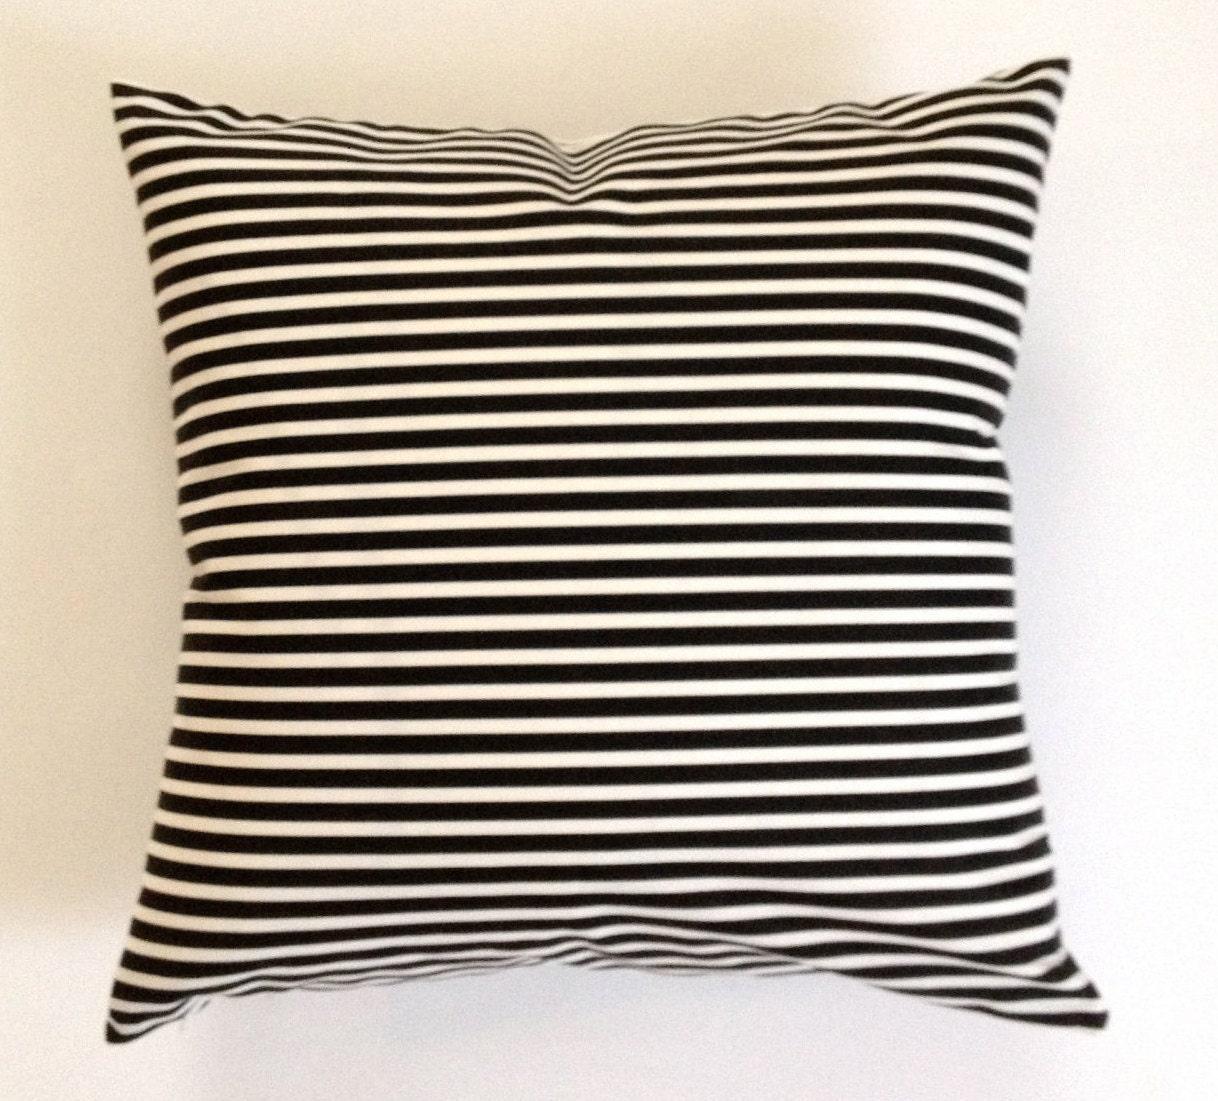 Black And White Striped Throw Pillows : SET OF TWO Decorative Throw Pillow Black and White Striped